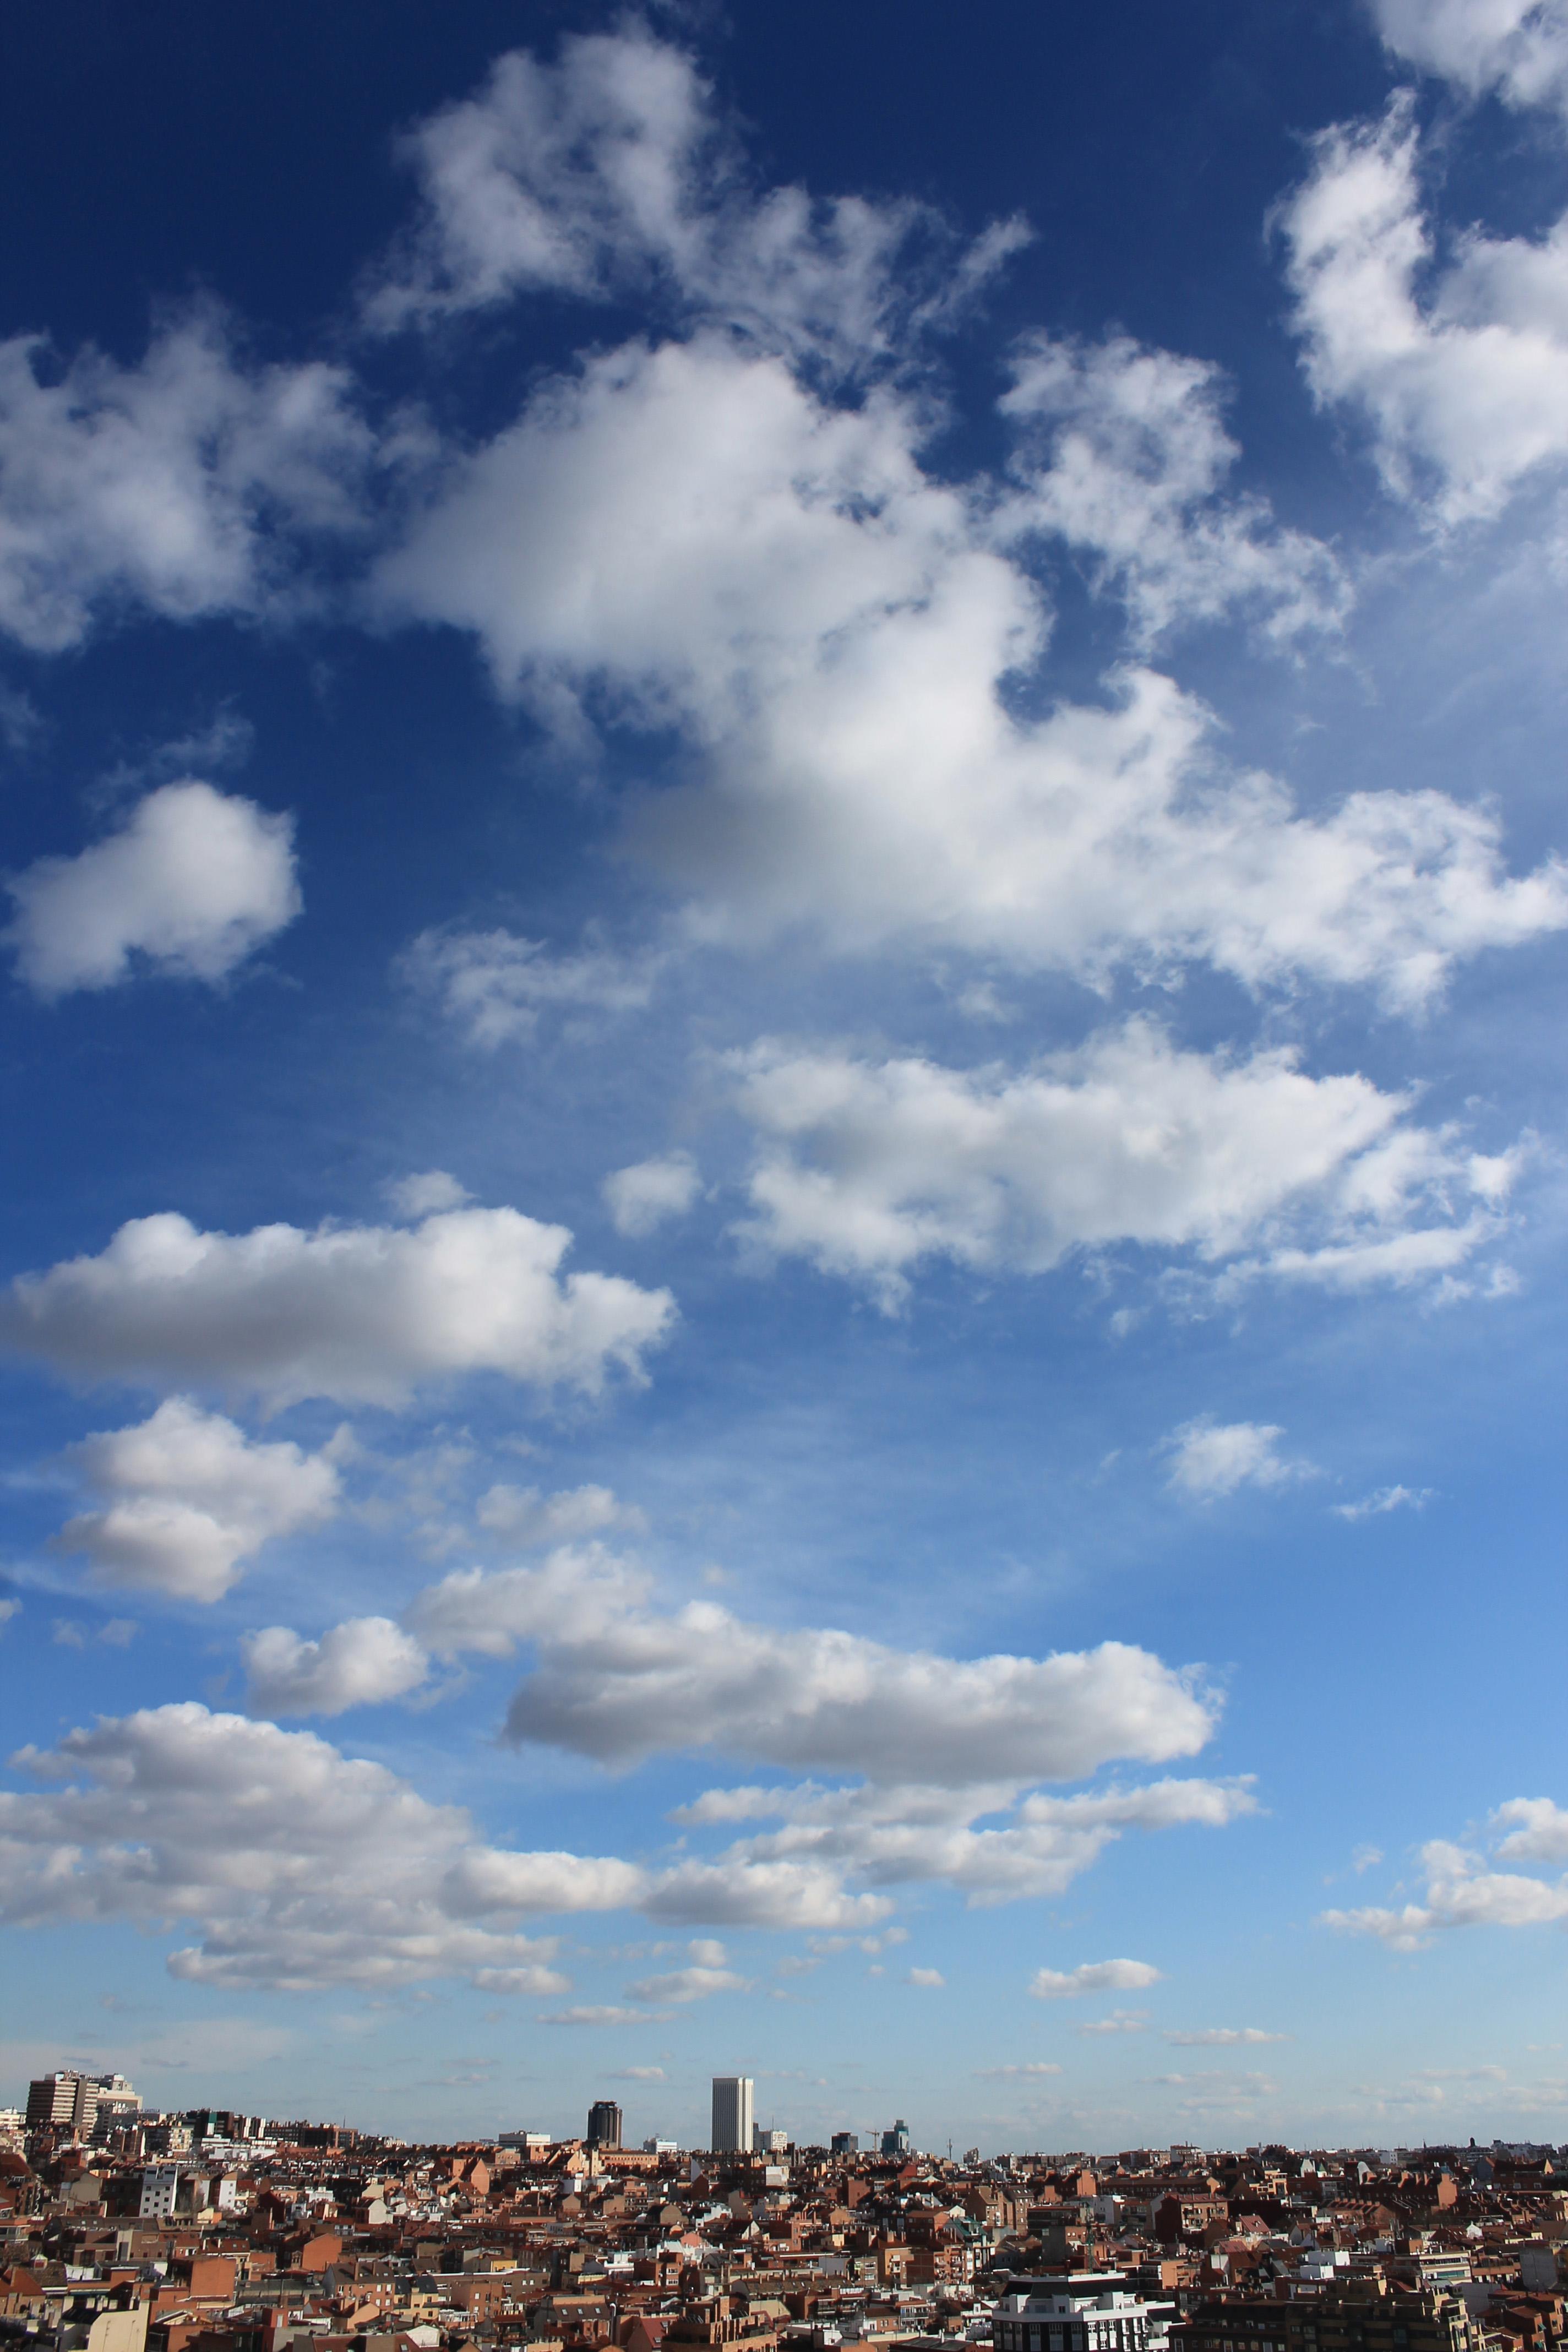 de madrid al cielo meaning